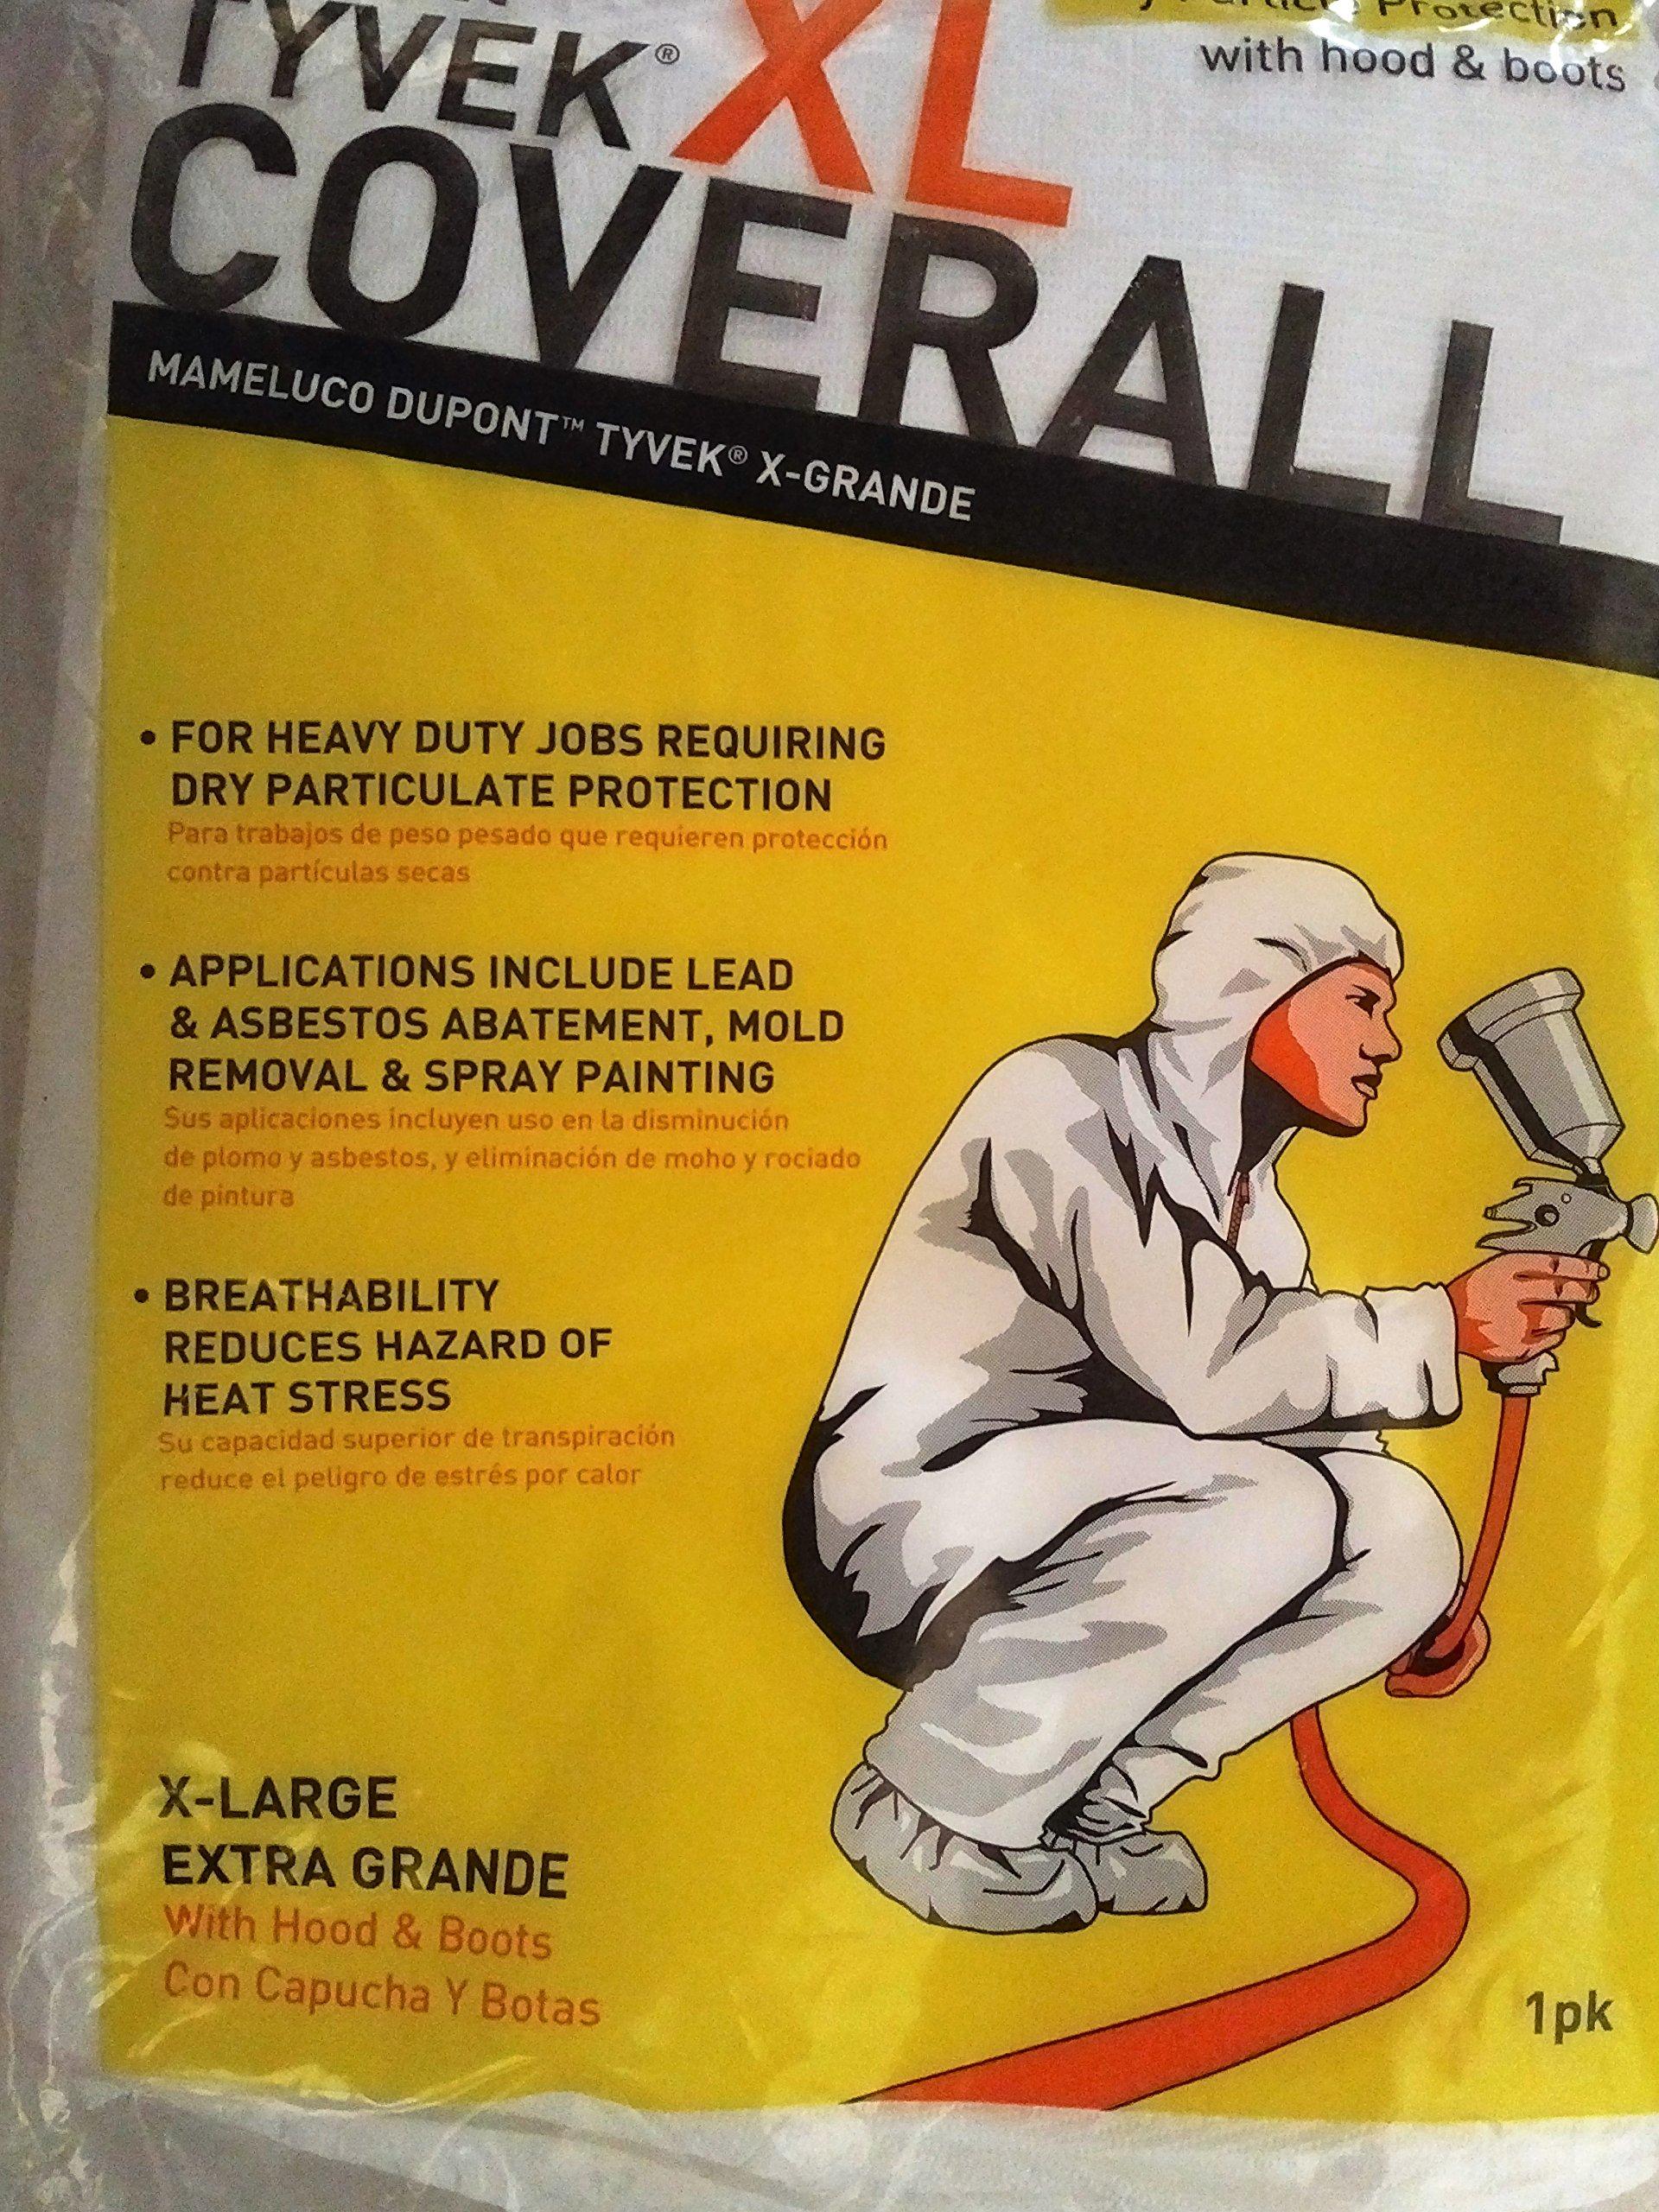 COVERALL TYVEK XL W/B&H by TRIMACO MfrPartNo 141232/12